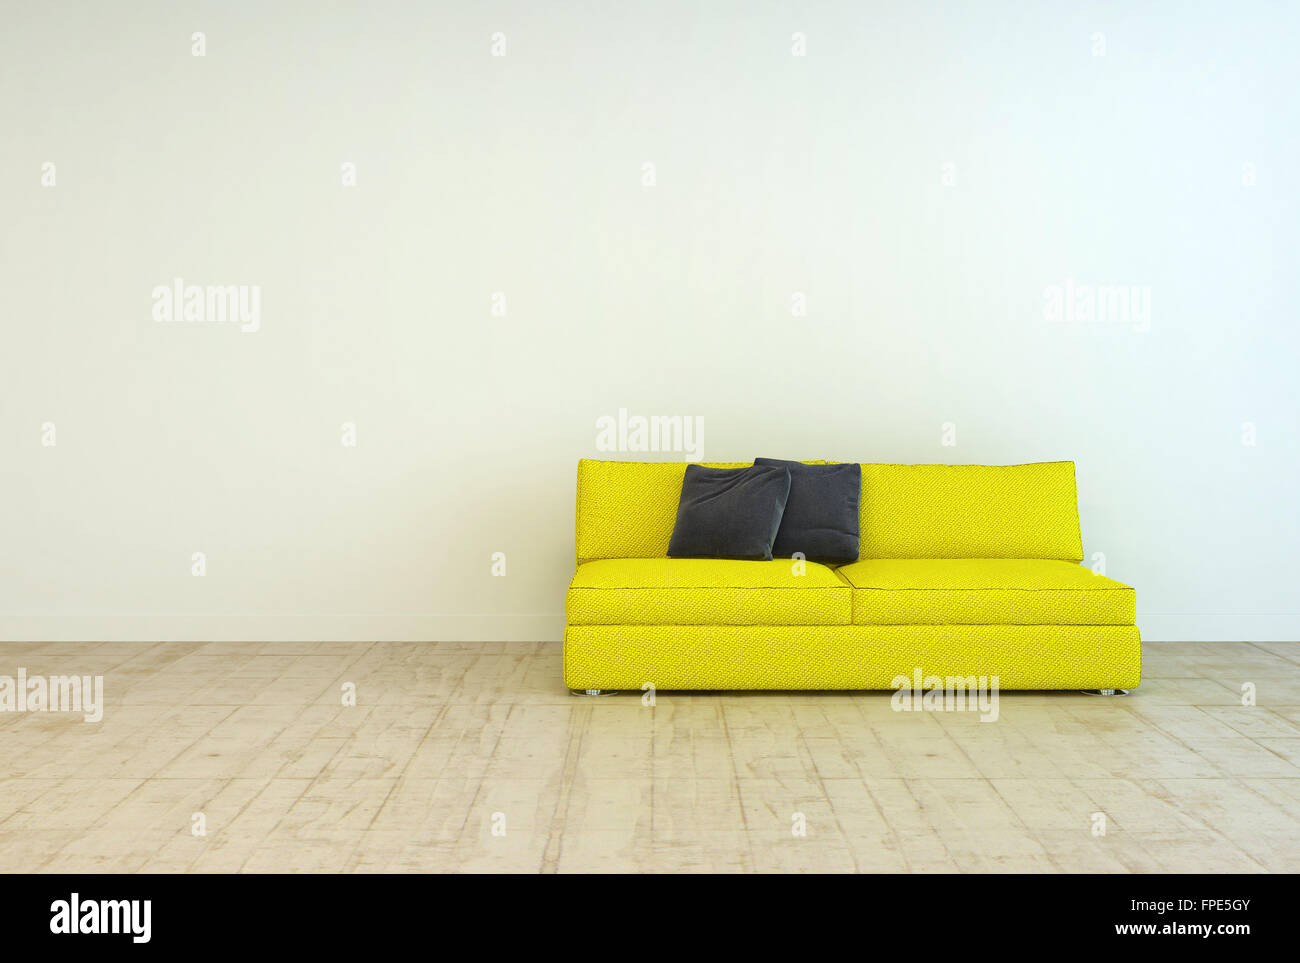 Gelbe Couch Möbel Mit Schwarzen Kissen Auf Einer Leeren Wohnzimmer